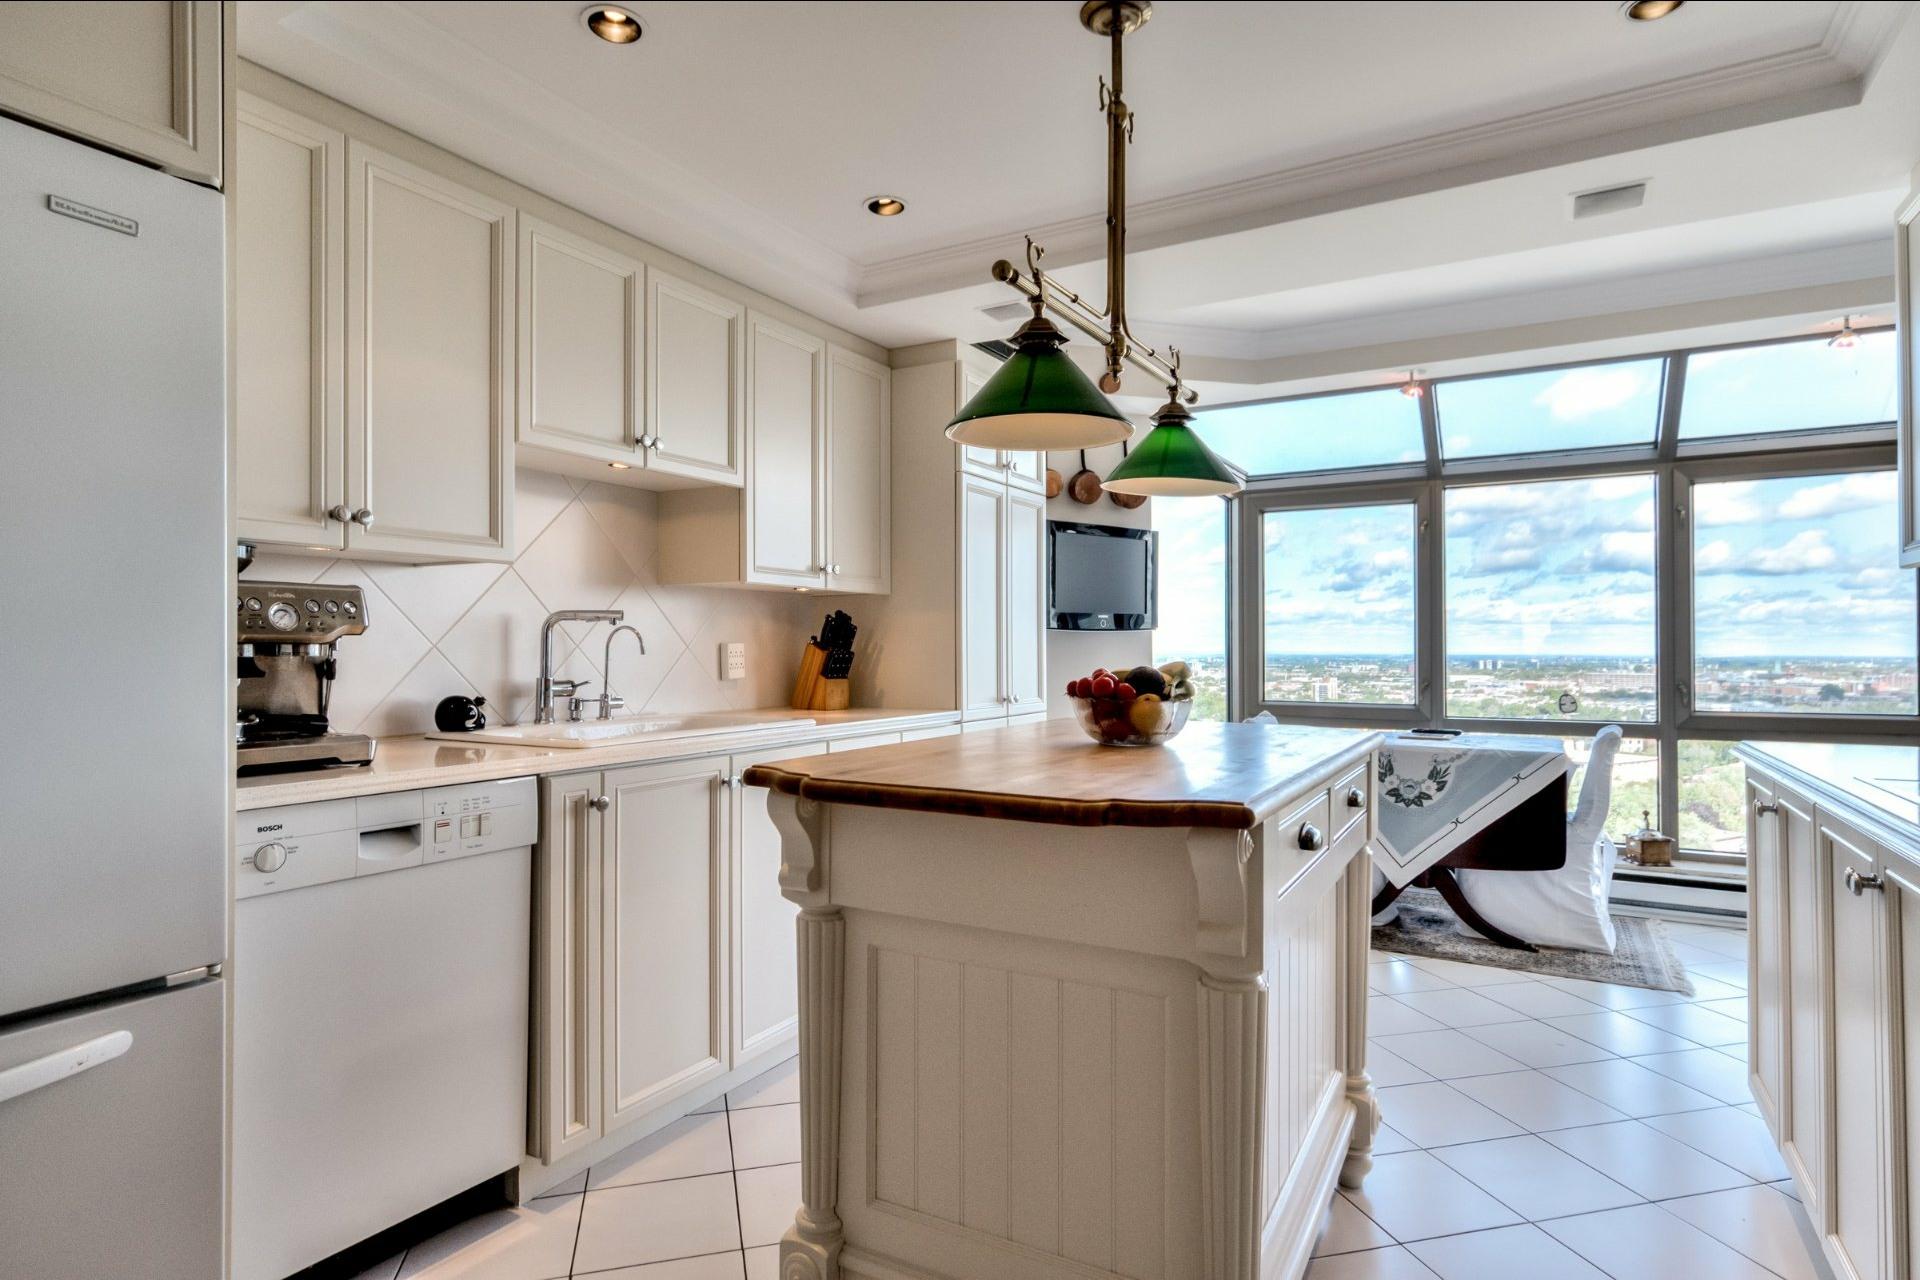 image 16 - Departamento En venta Côte-des-Neiges/Notre-Dame-de-Grâce Montréal  - 12 habitaciones